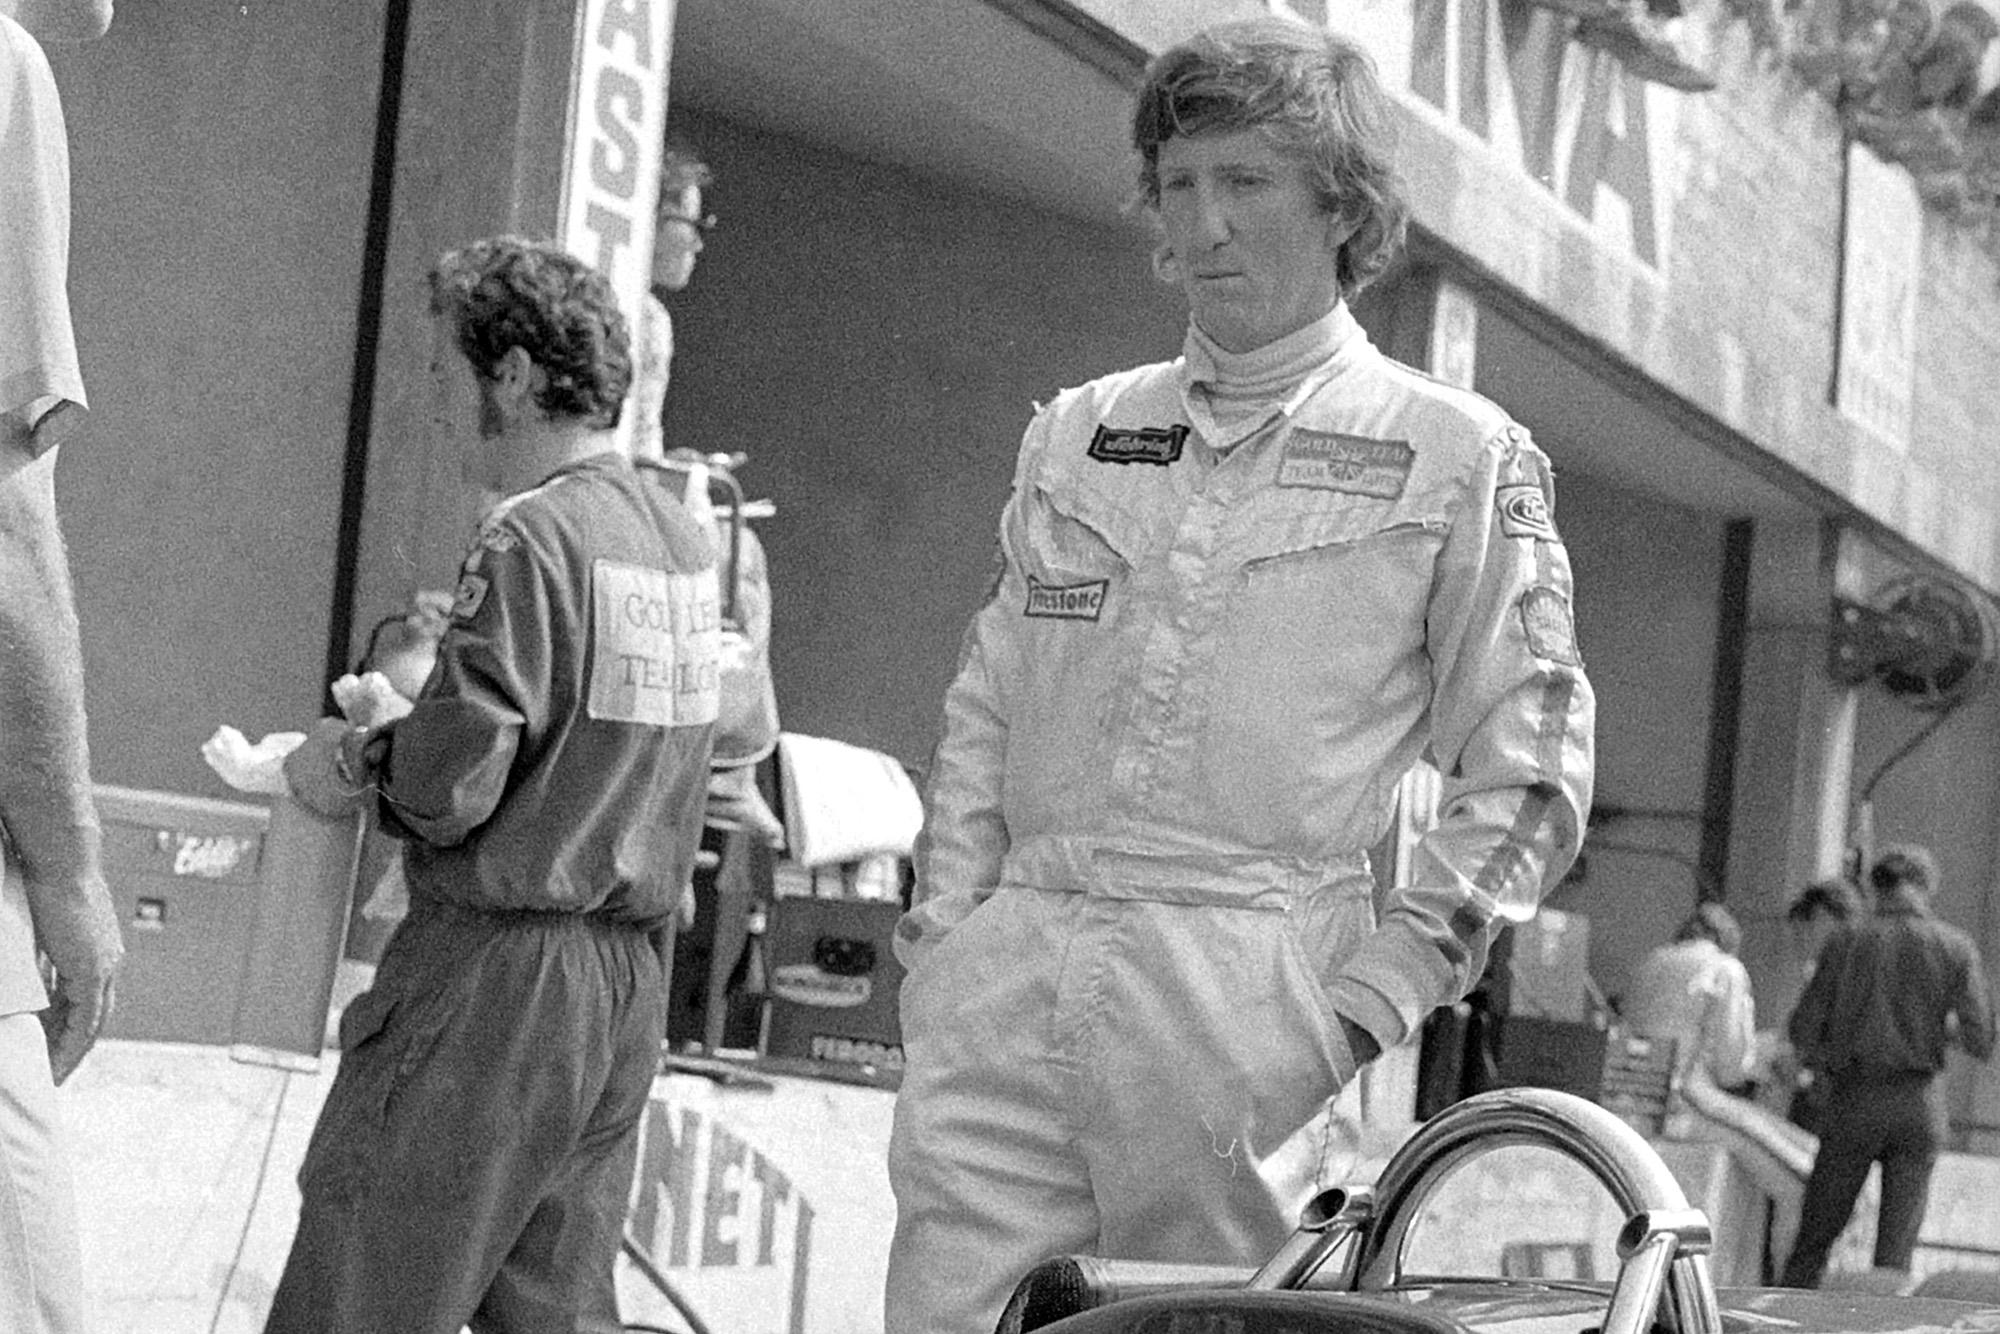 Rindt Monza 1970